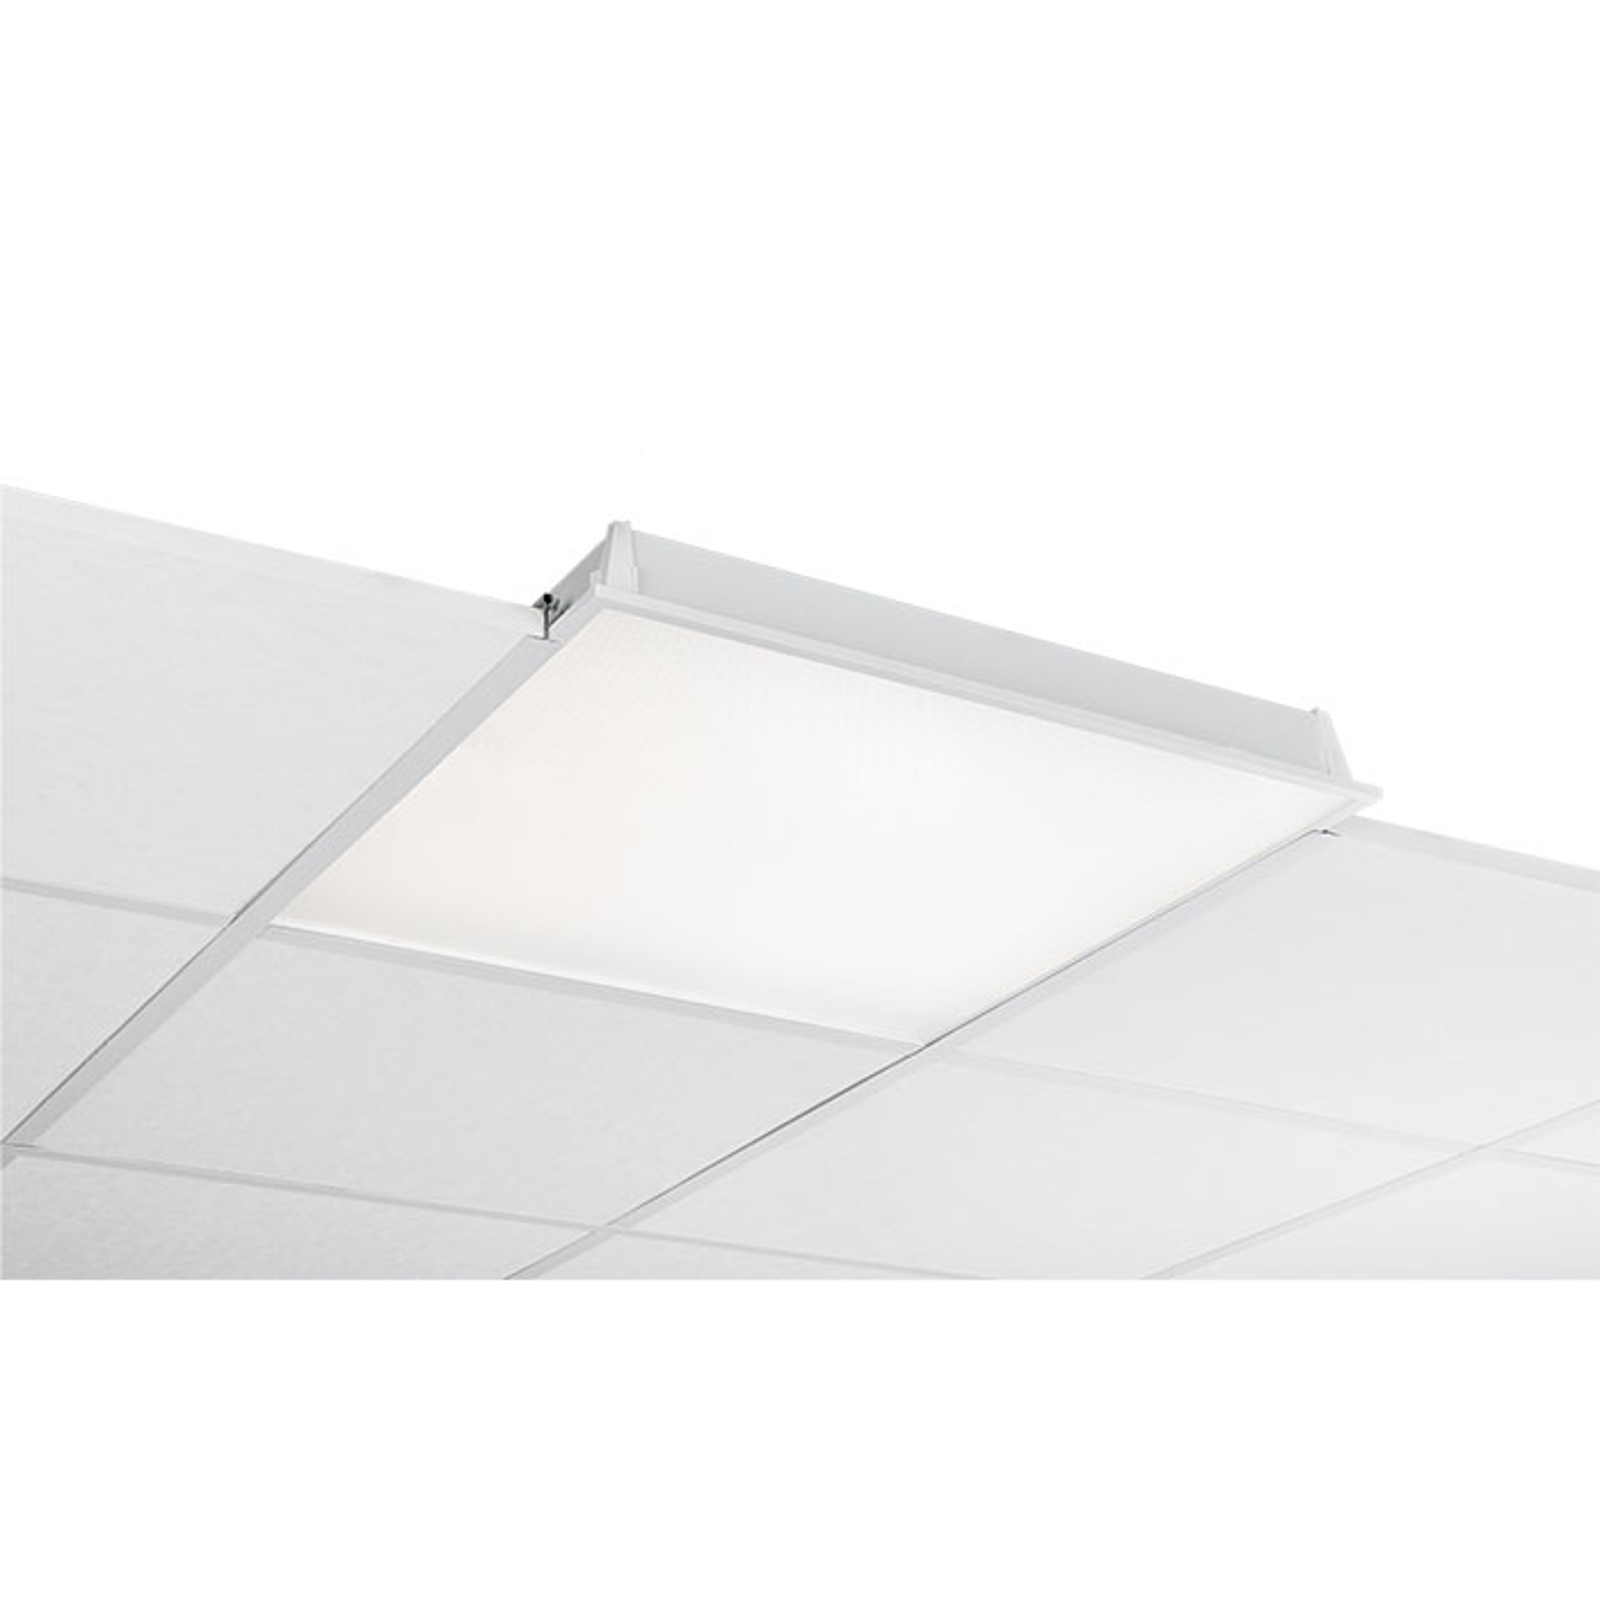 Panneau encastré LED C90-R625X625 MP 3000K